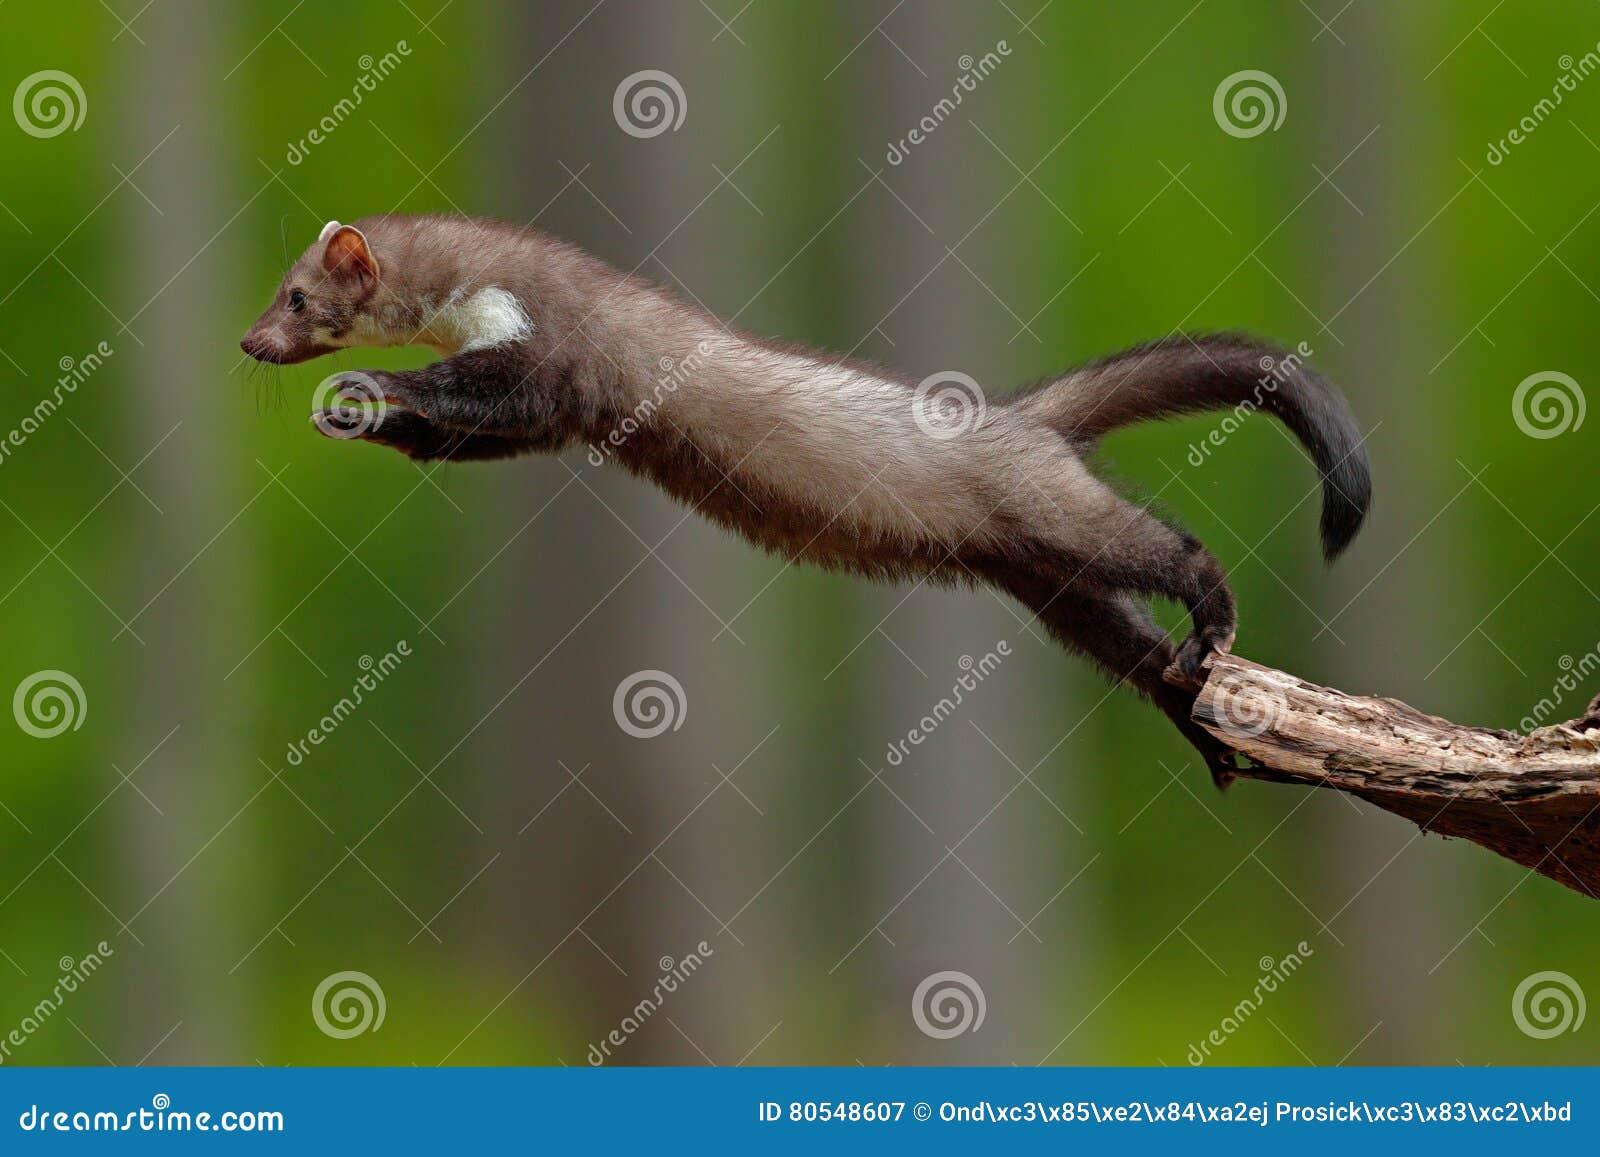 Marta de haya de salto, pequeño depredador oportunista, hábitat de la naturaleza La marta de piedra, foina del Martes, en bosque